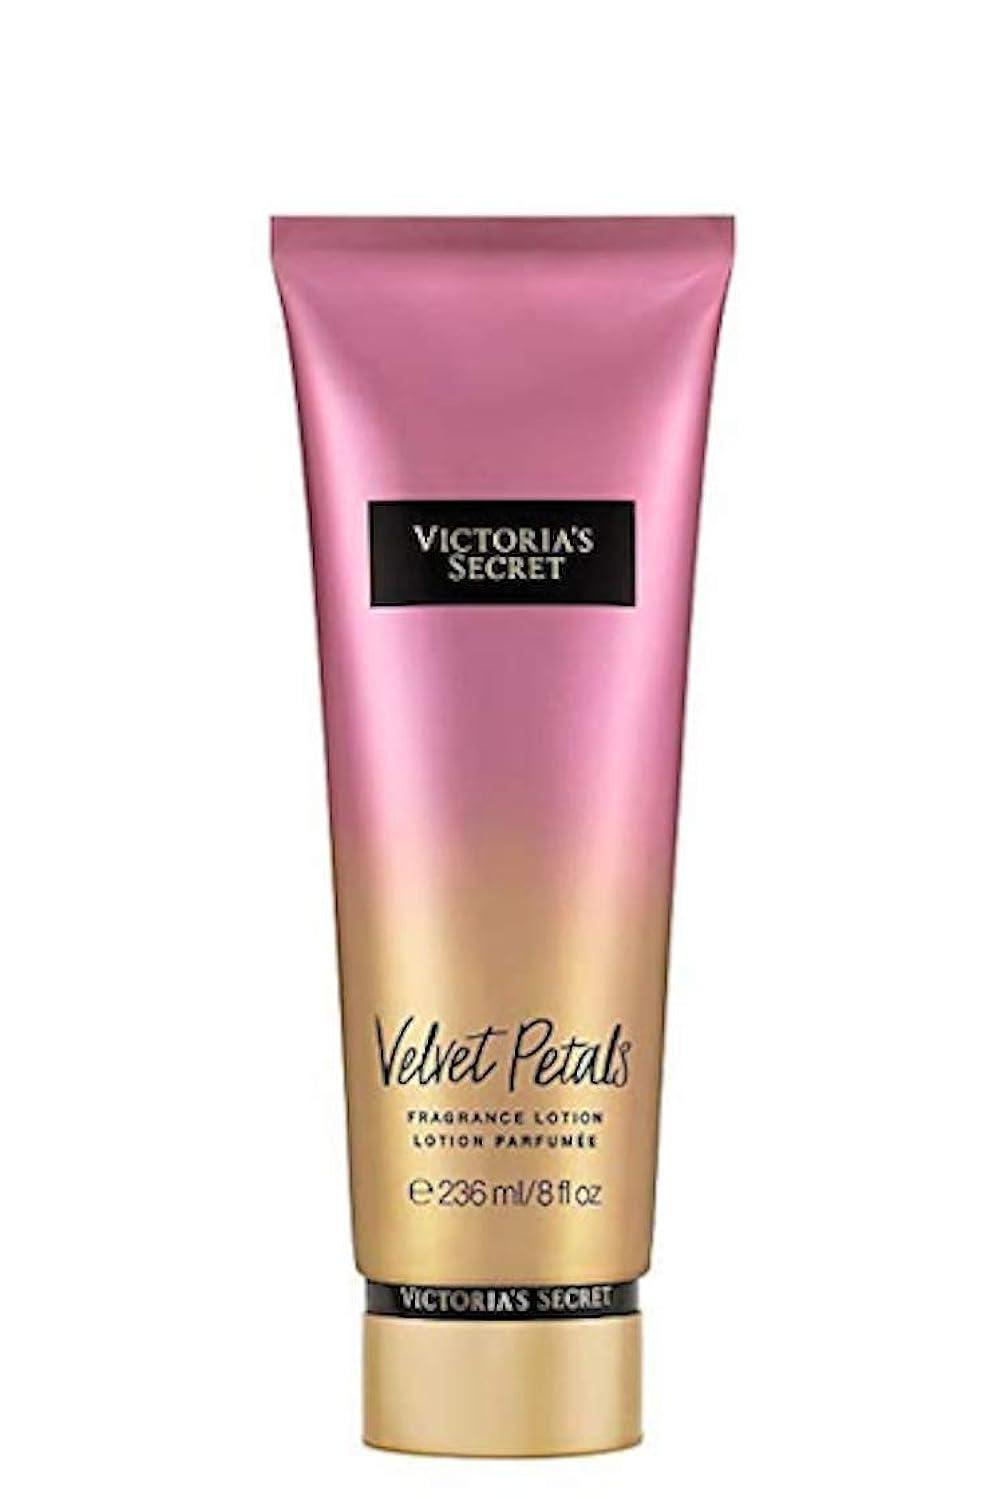 カッター変換下向き【並行輸入品】Victoria's Secret Velvet Petals Body Lotion ヴィクトリアズシークレットベルベットぺタルズローション236 ml